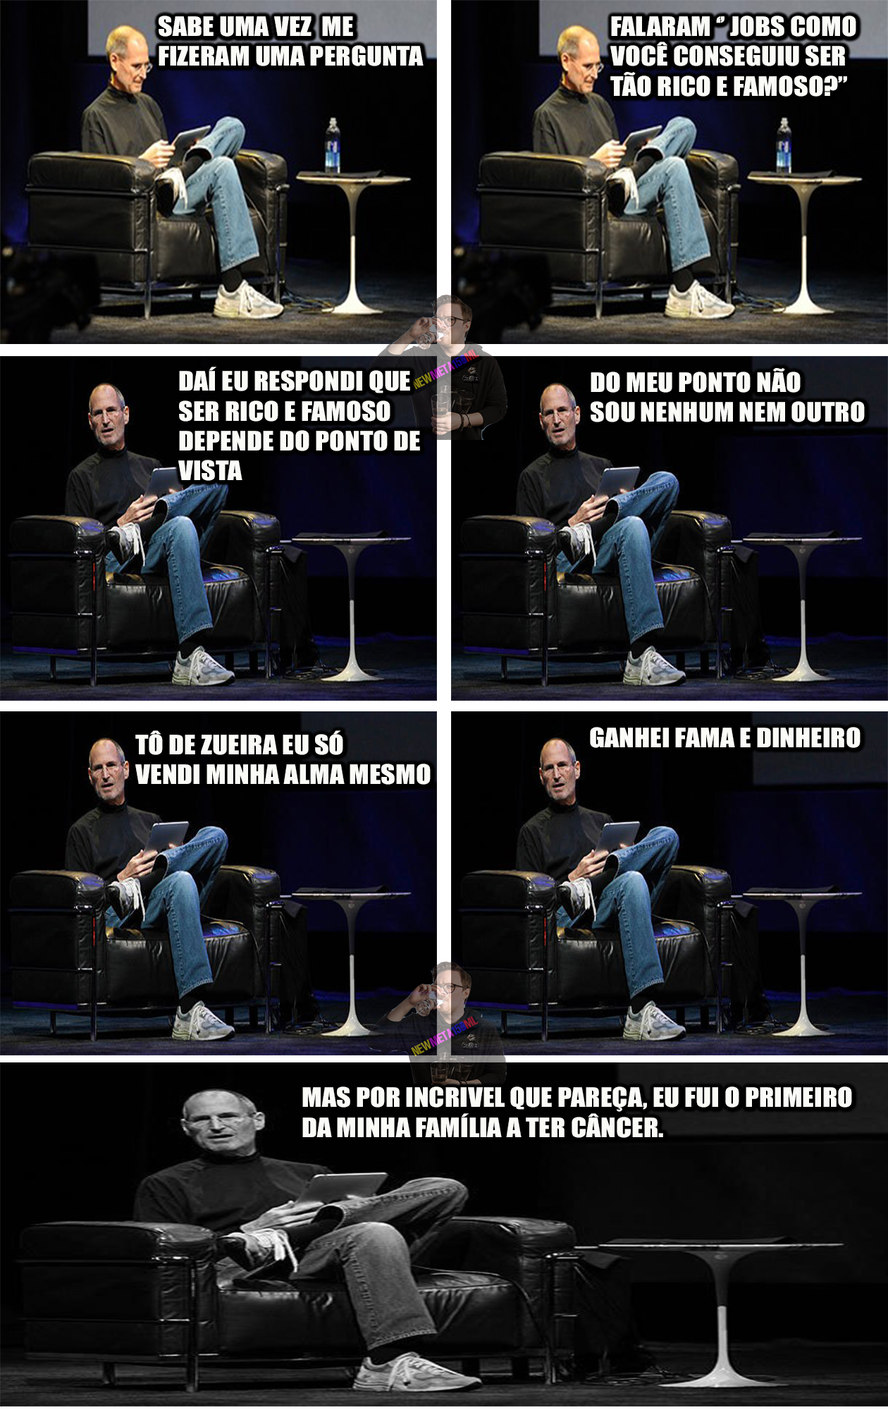 O cara é um gênio - meme